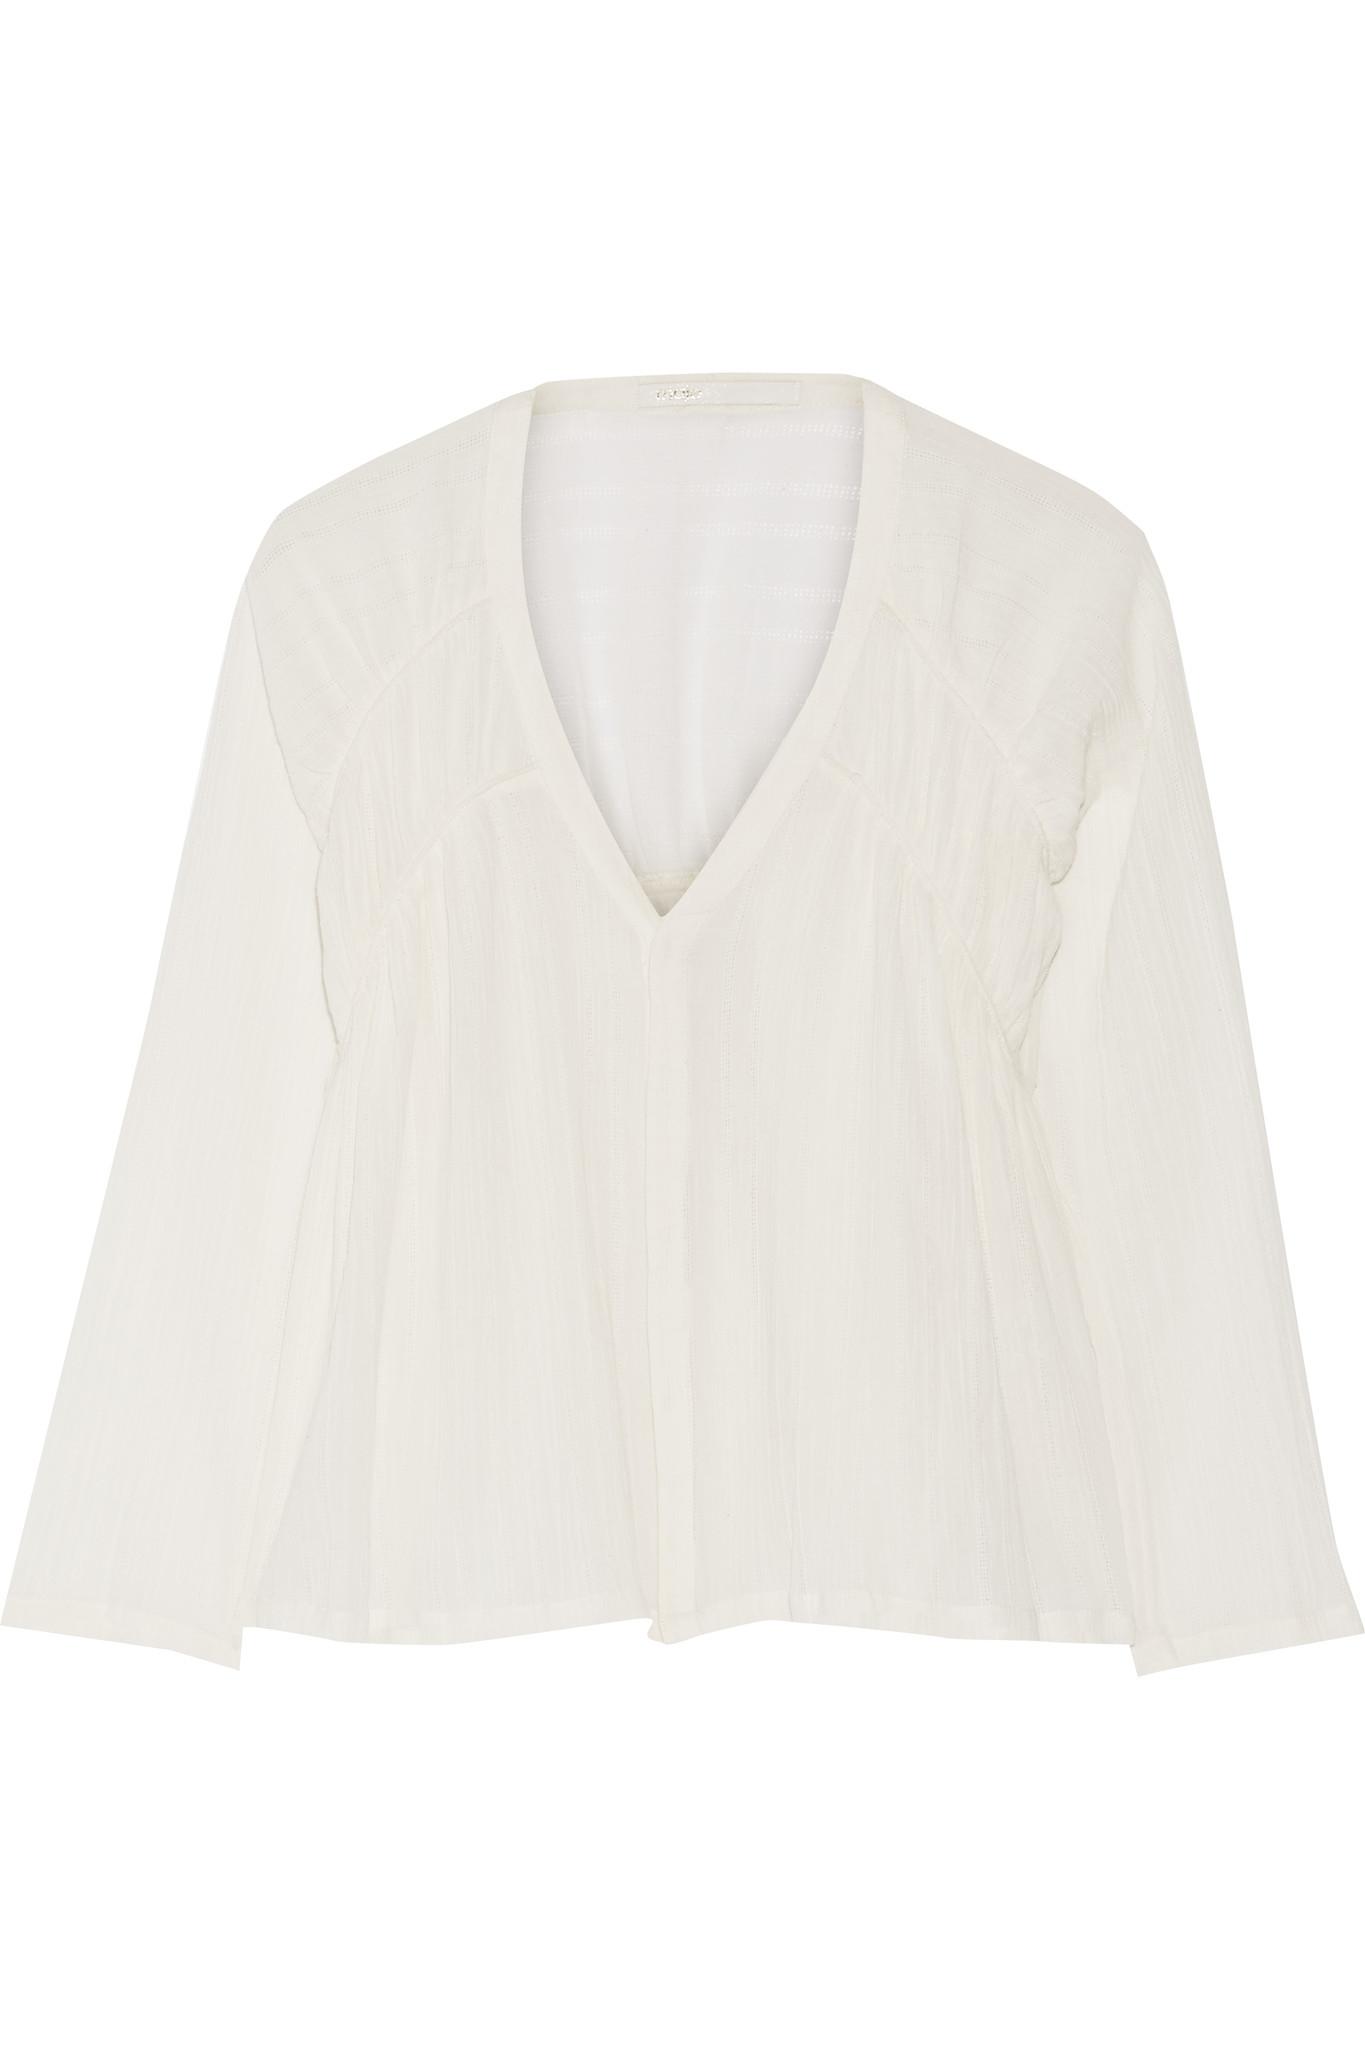 White Cotton Gauze Blouses 52